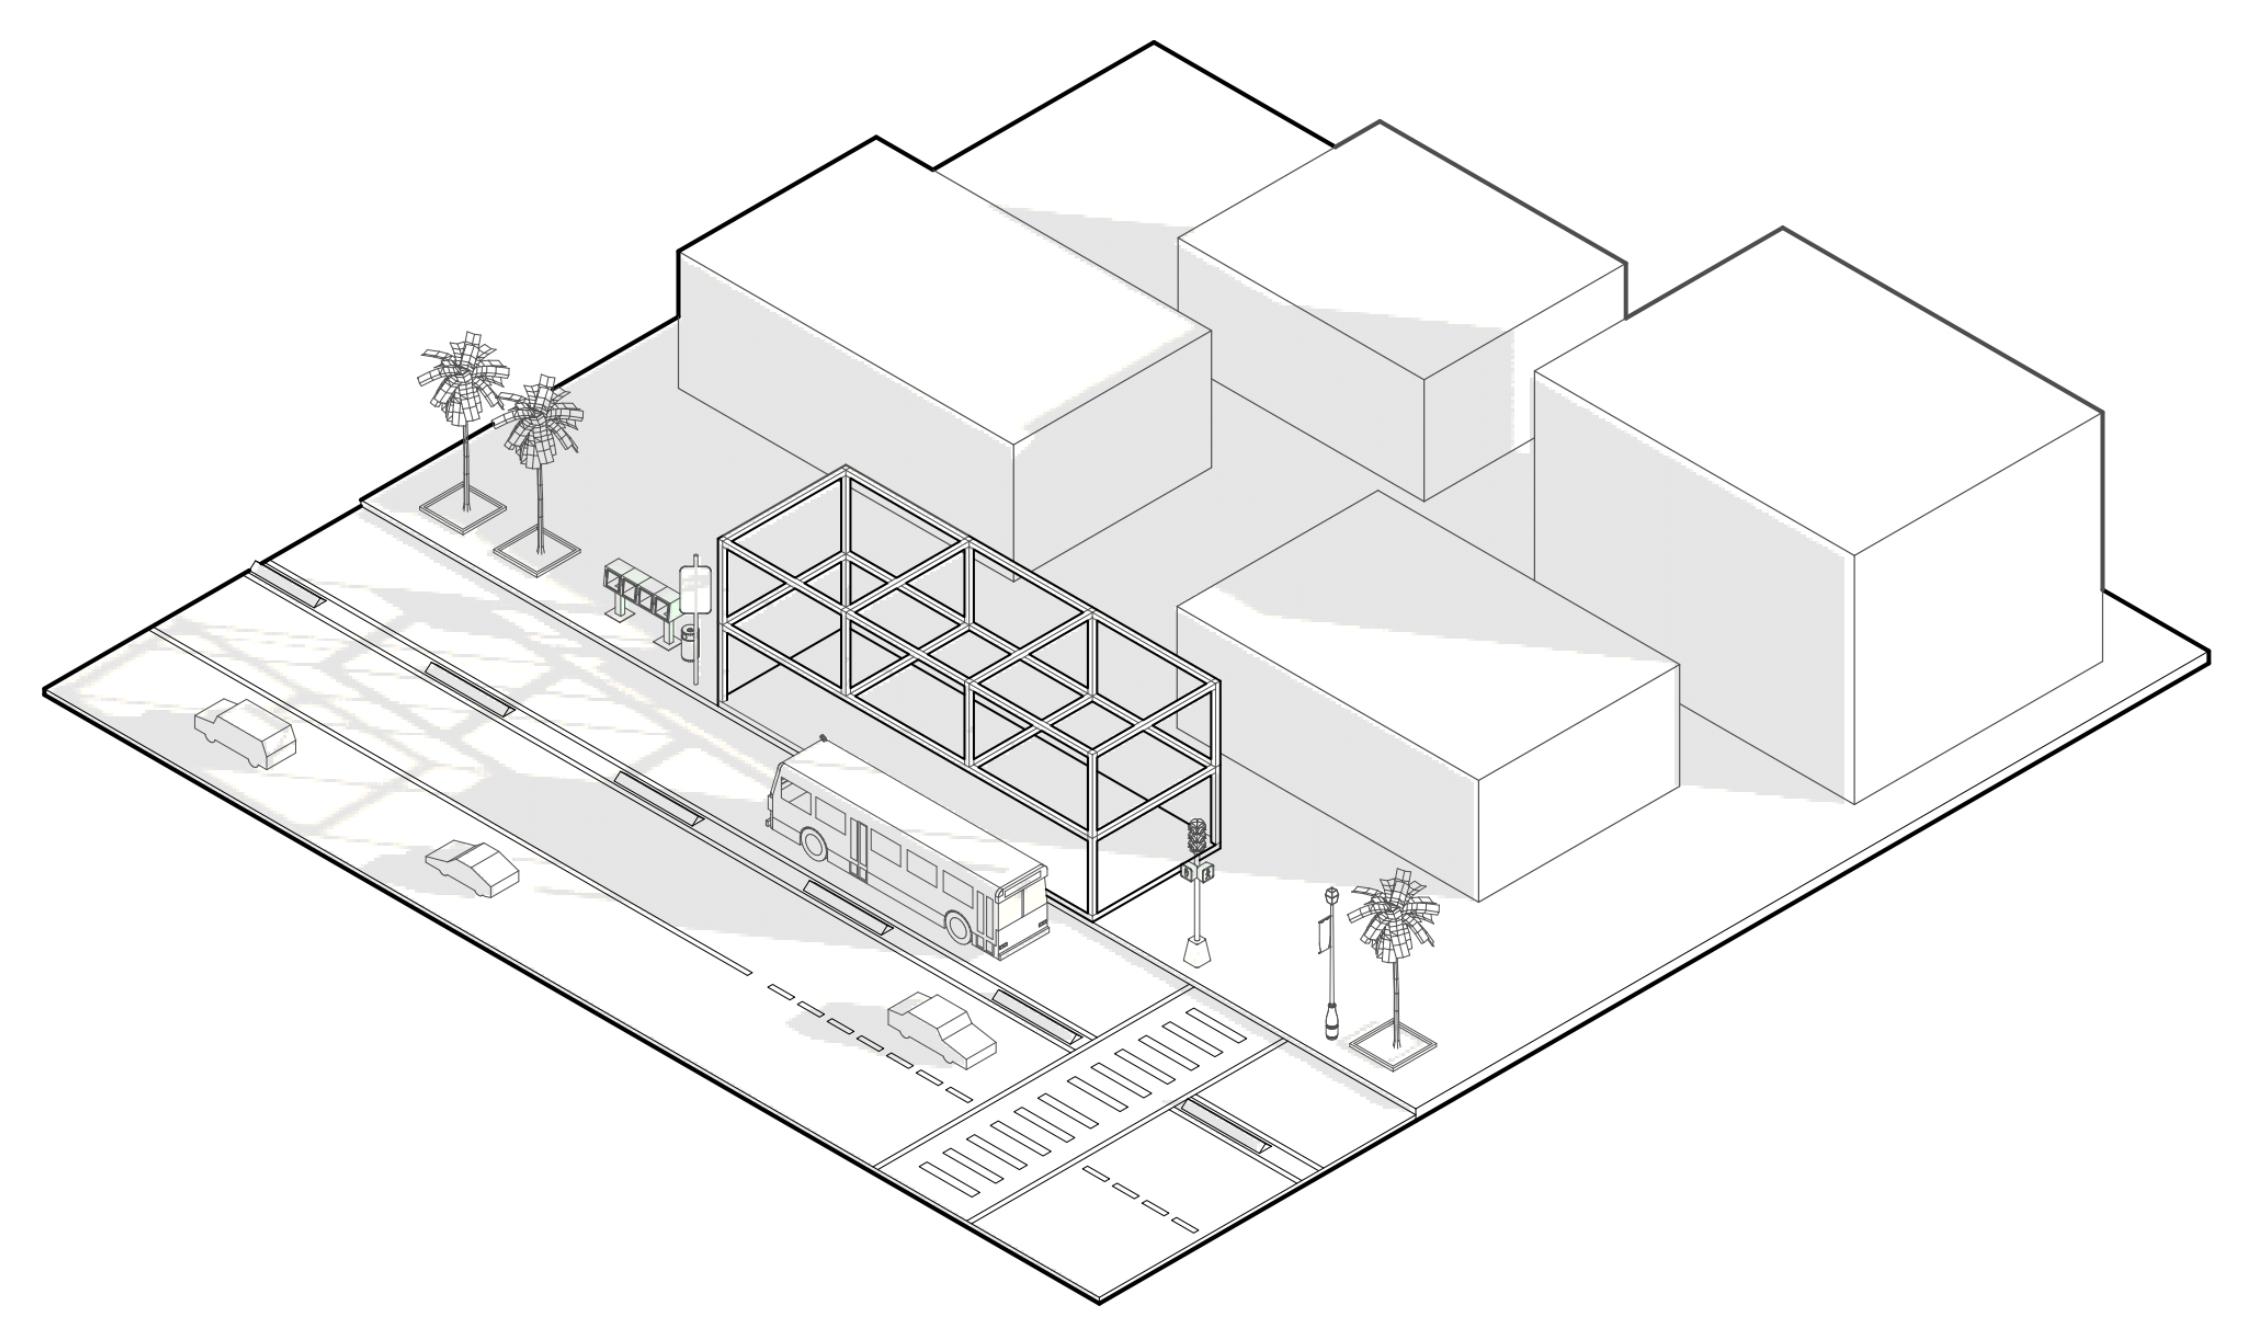 Illustration of  LINK! station design